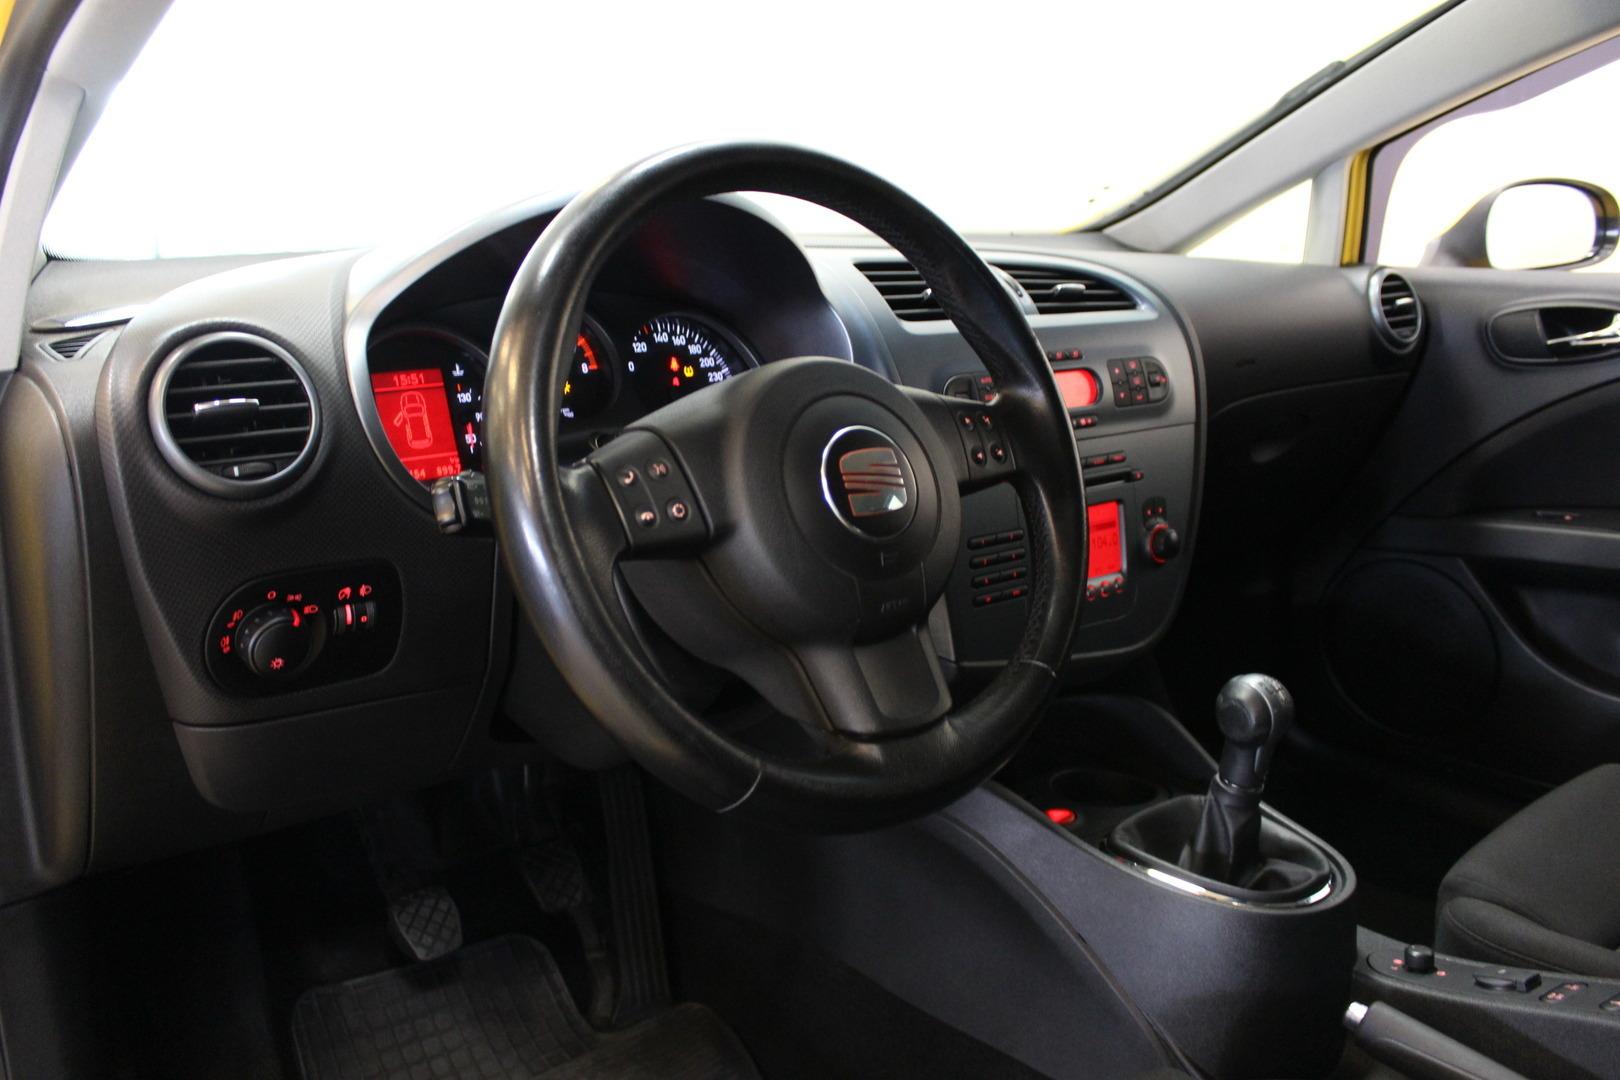 Seat Leon, 1.8TFSI 160Hp **Pirteä** #Siistikuntoinen #Sporttipenkit